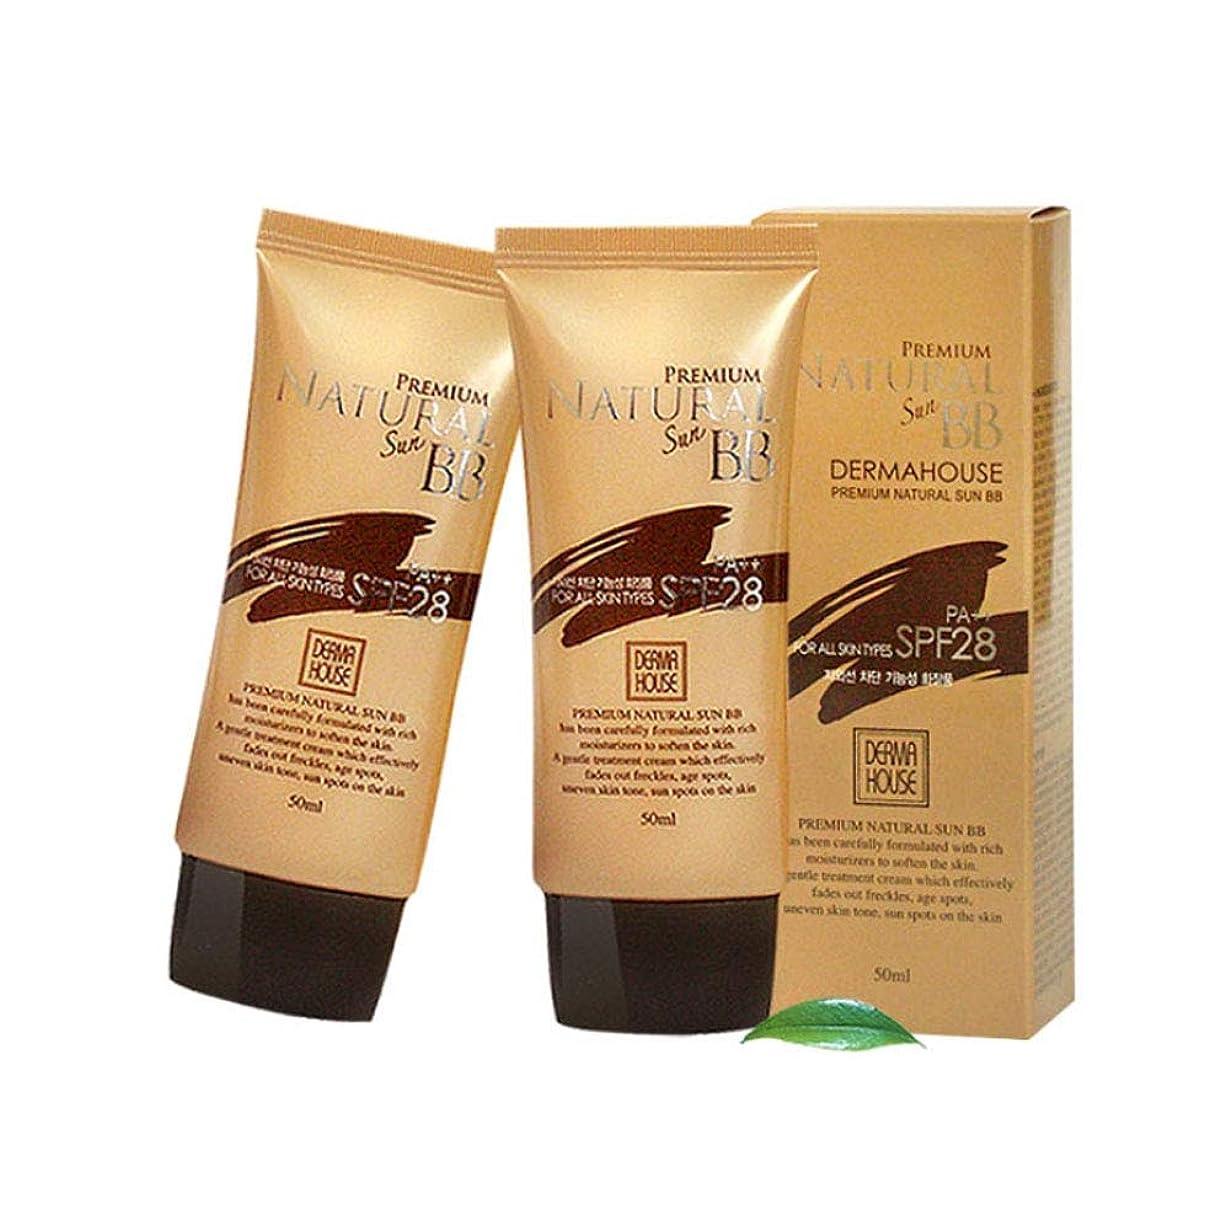 競合他社選手デッドロック科学者ダーマハウスプレミアムナチュラルサンBBクリーム 50mlx2本セット韓国コスメ、Derma House Premium Natural Sun BB Cream 50ml x 2ea Set Korean Cosmetics [並行輸入品]